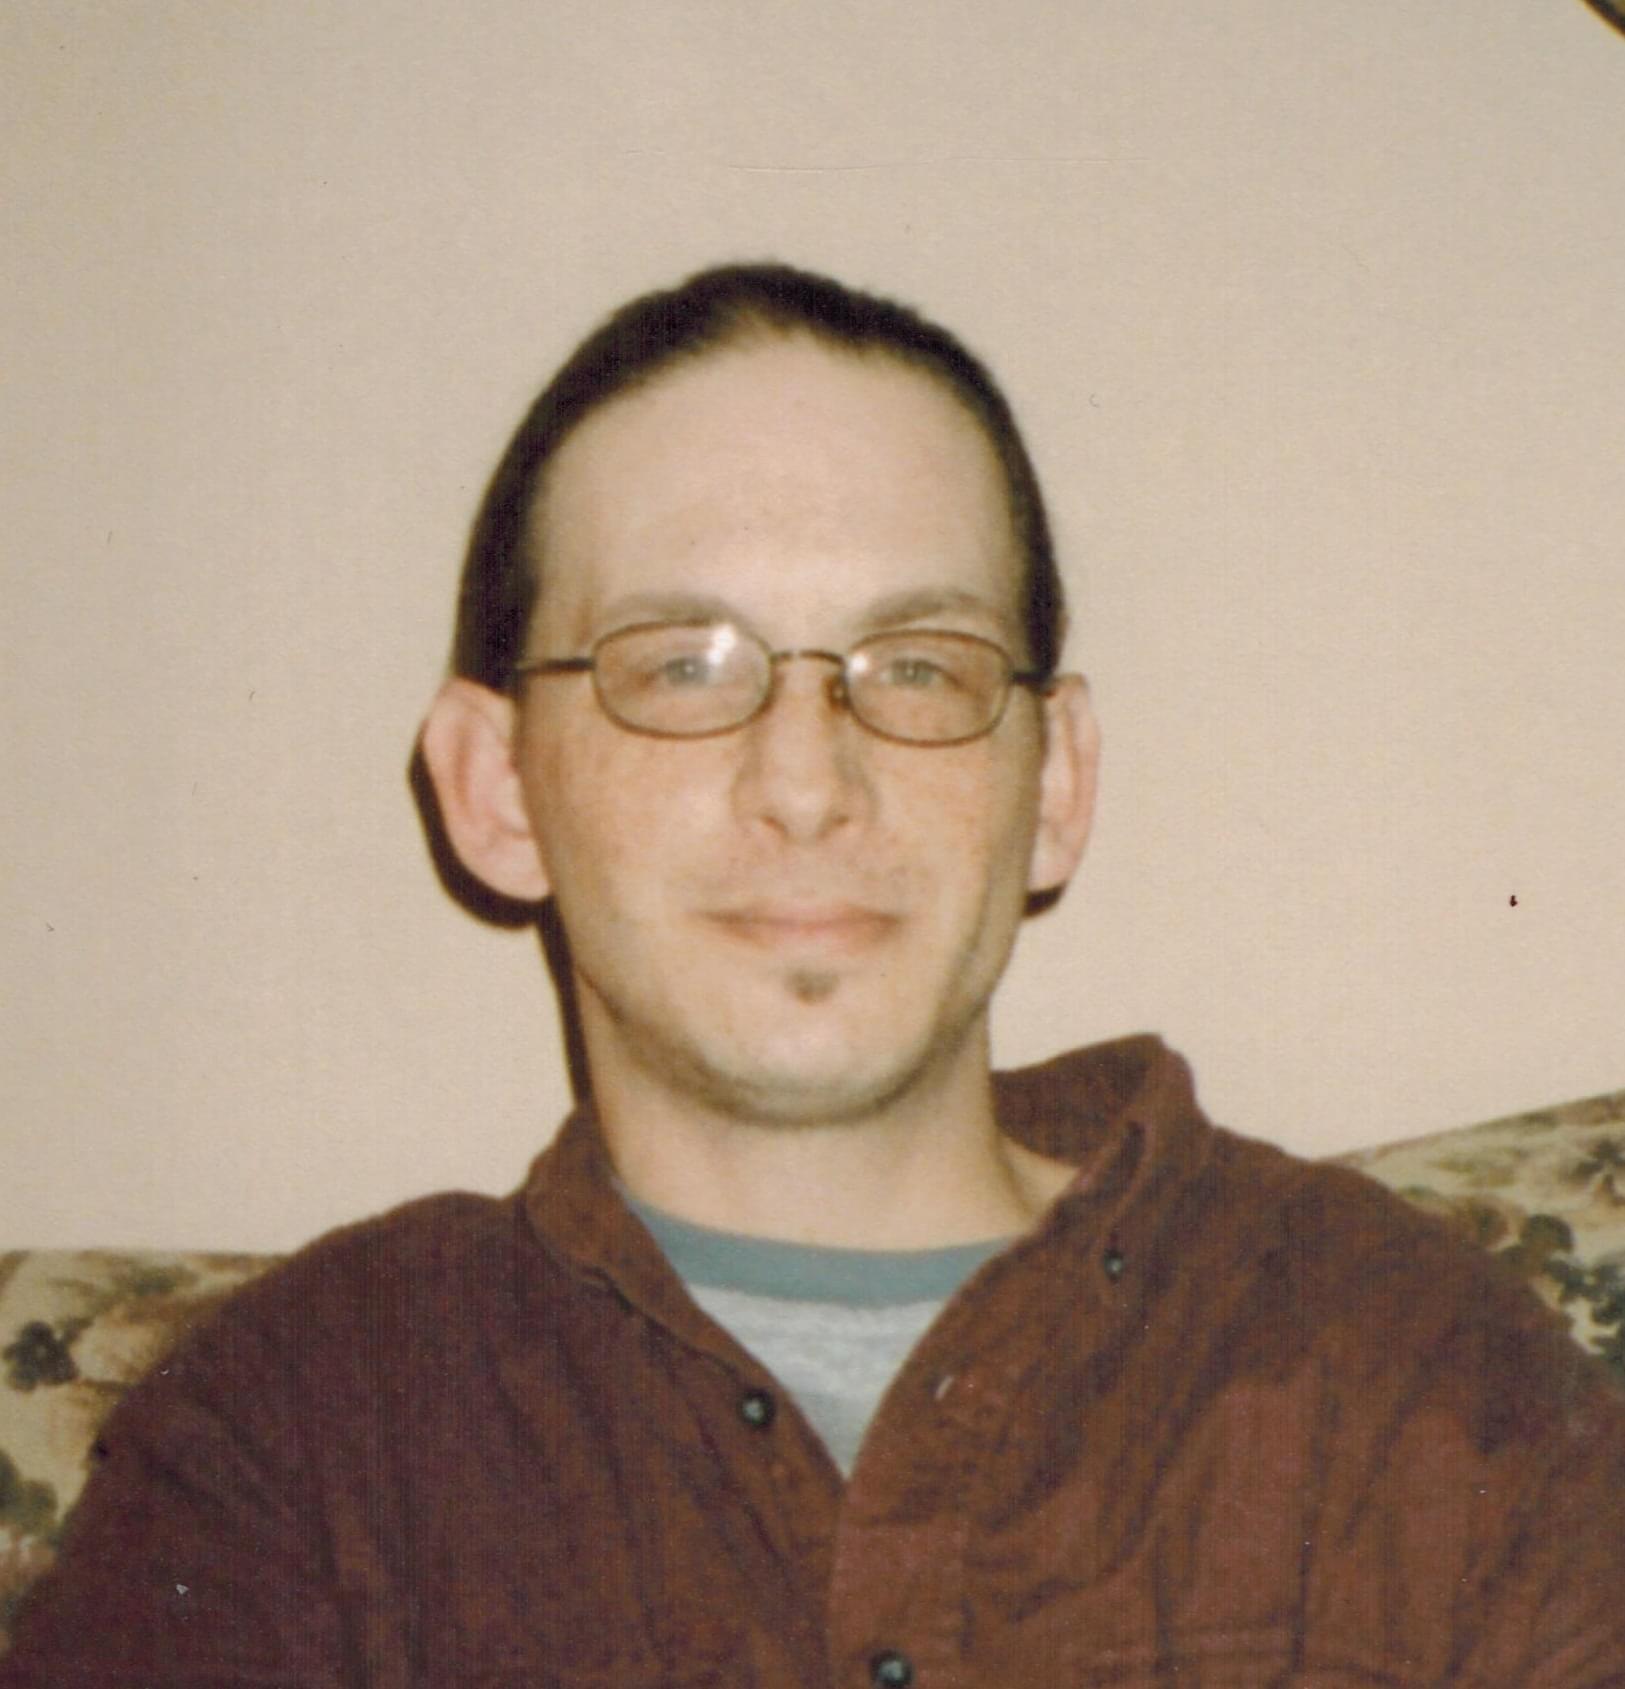 Steven E. Downs